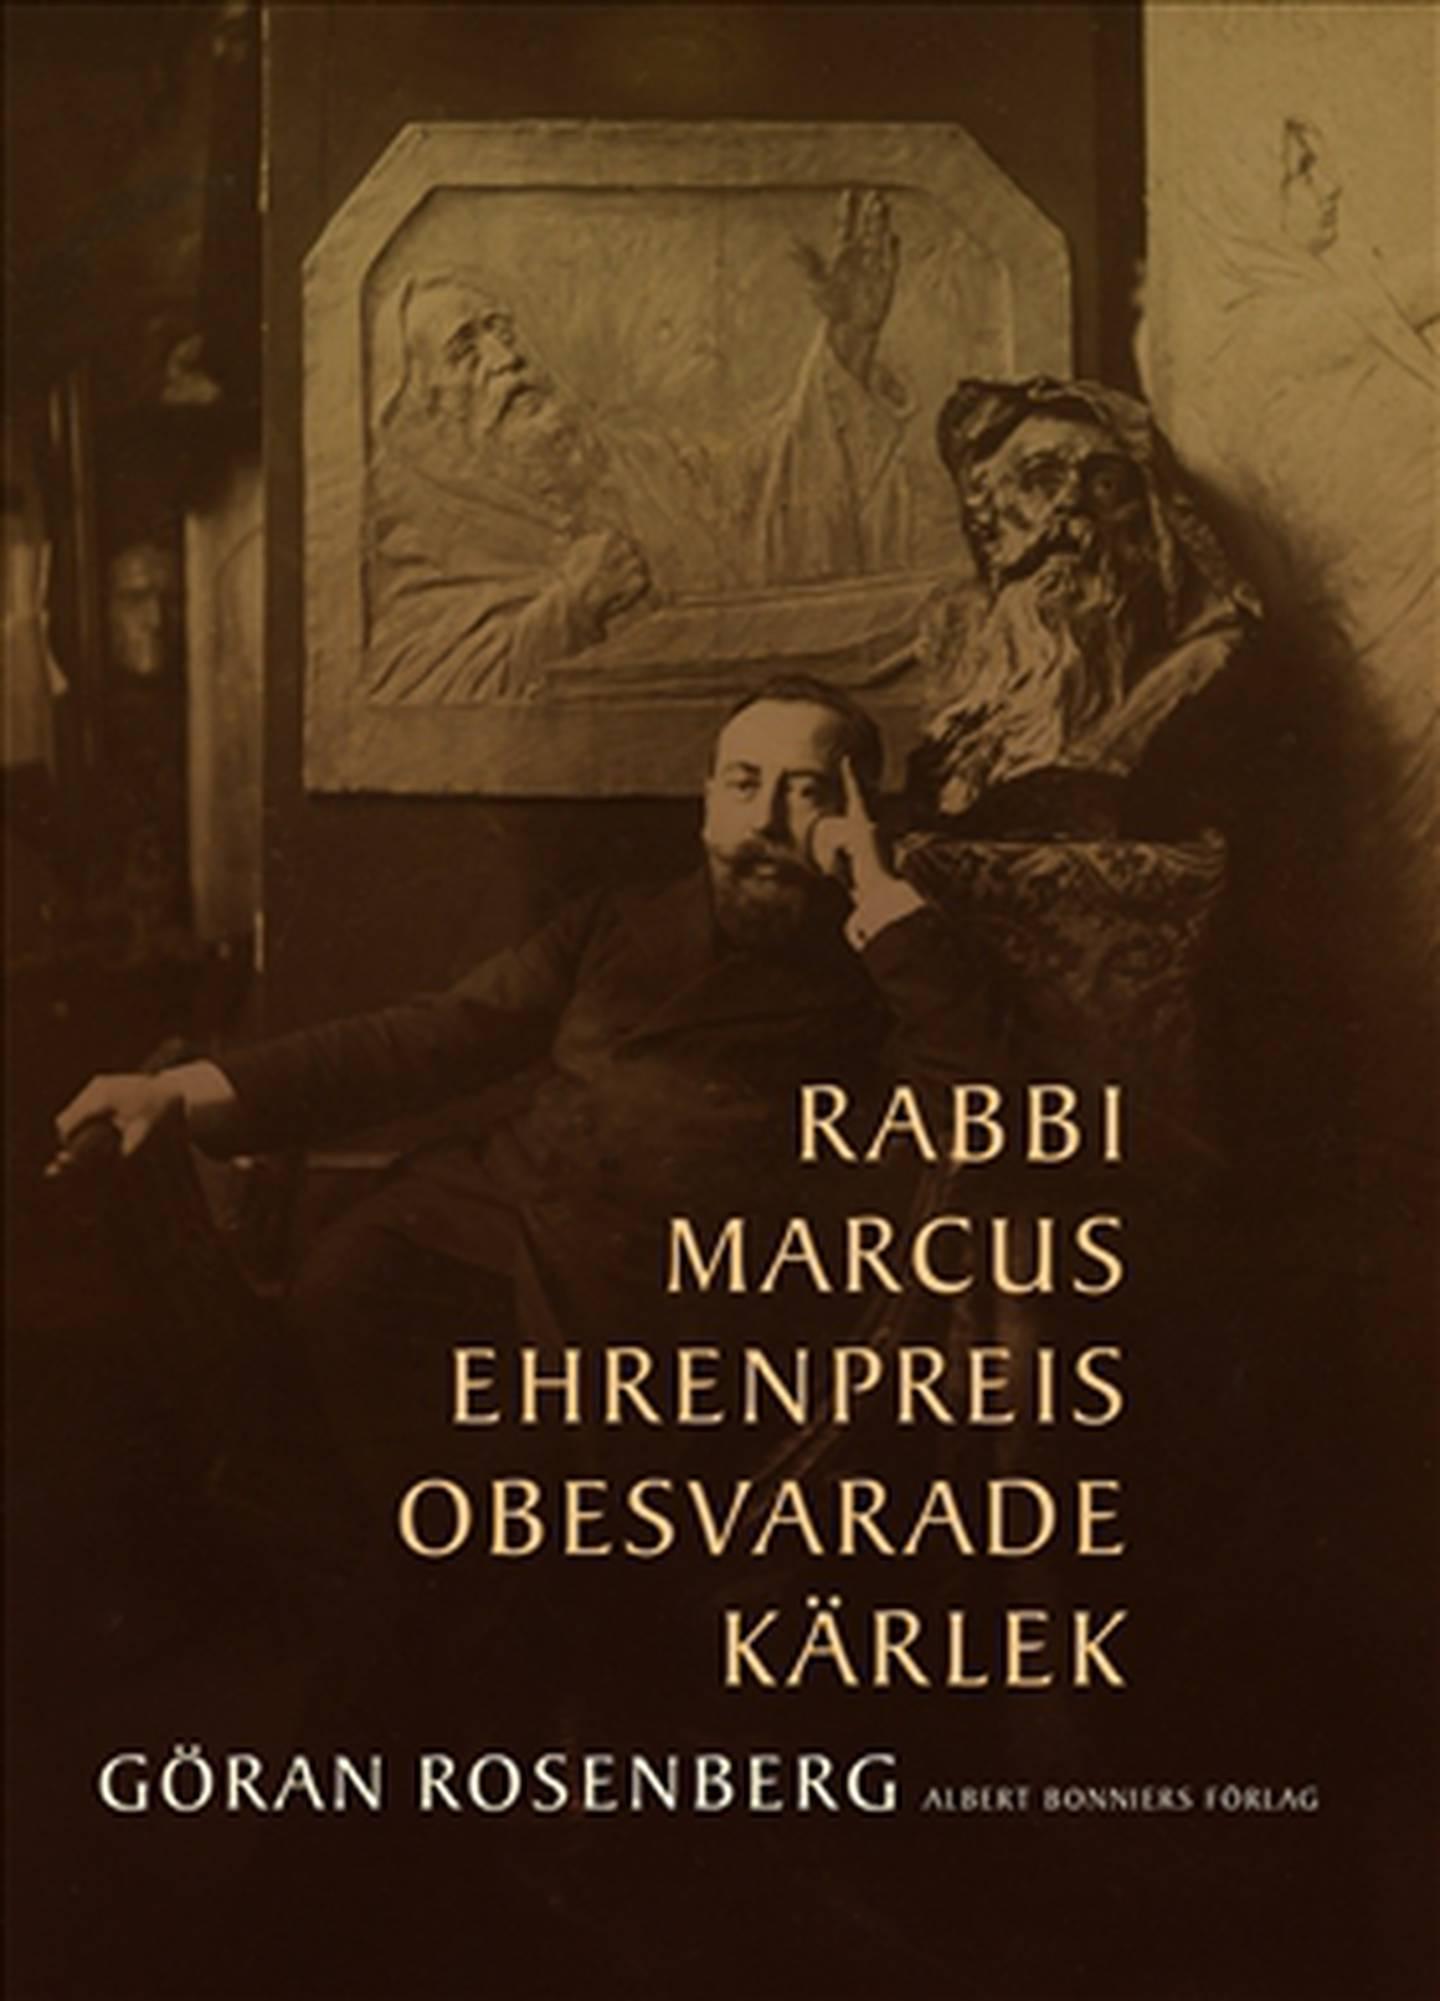 """""""Rabbi Marcus Ehrenpreis obesvarade kärlek"""" av Göran Rosenberg."""